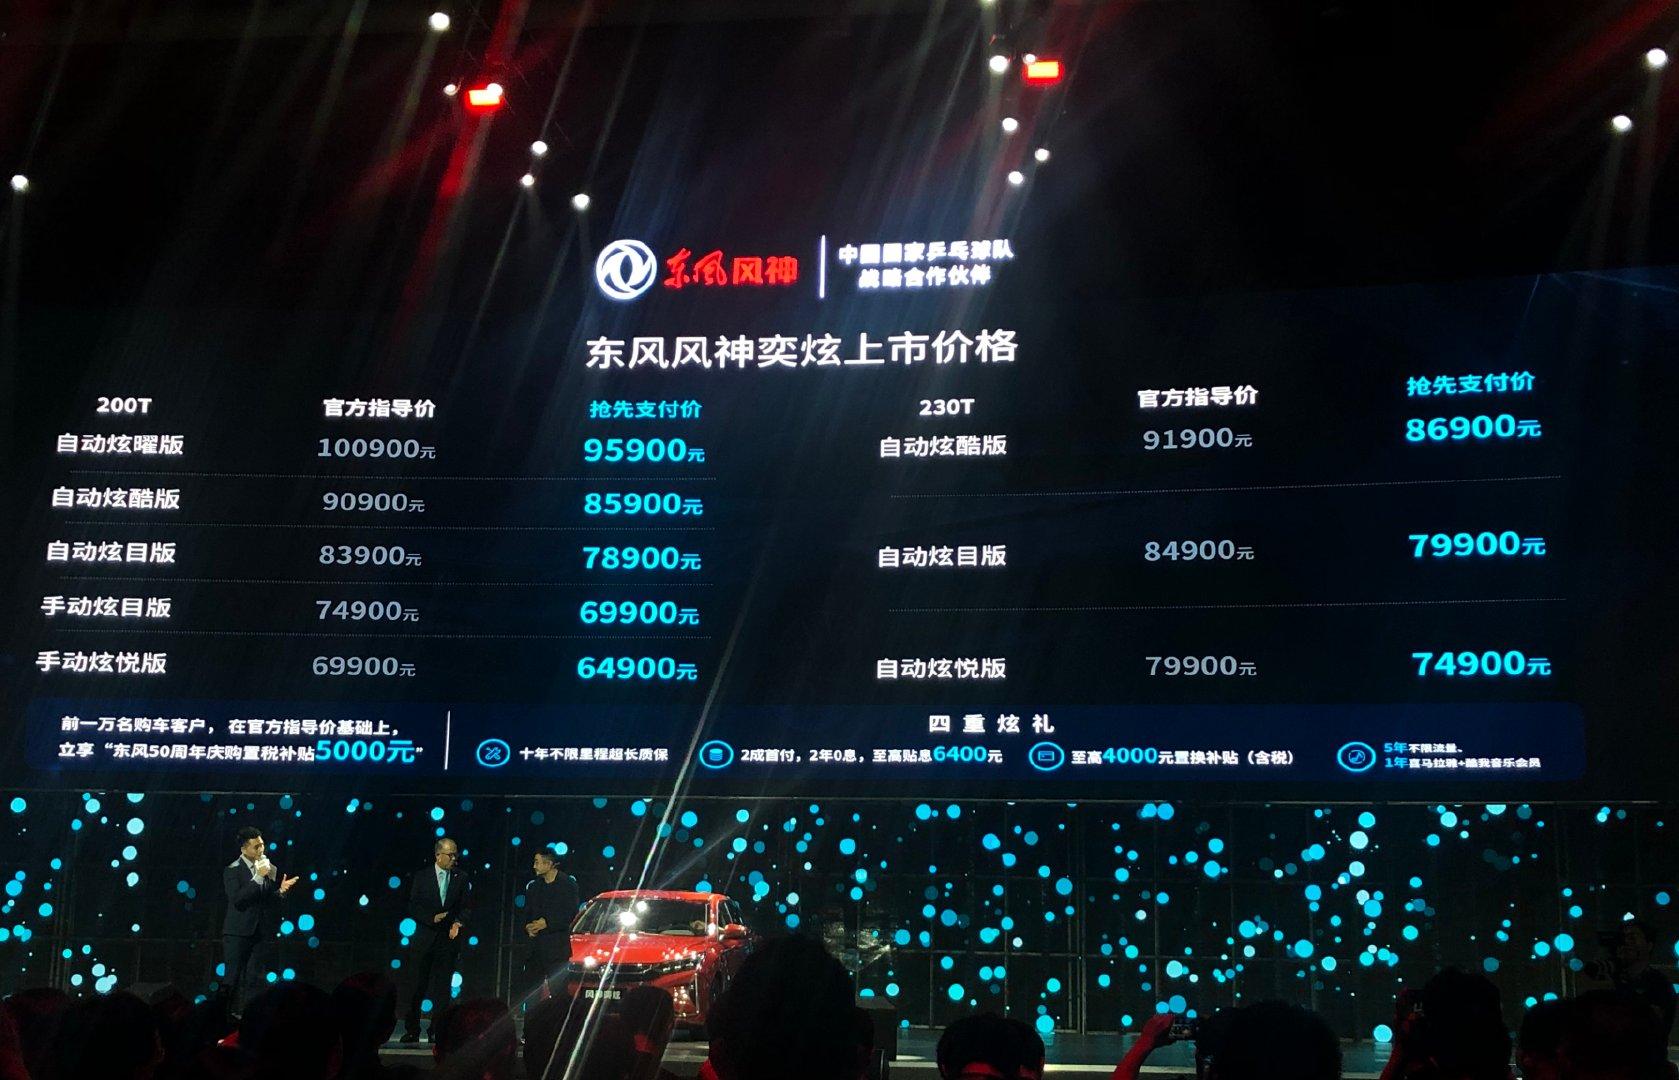 9月9日晚,东风风神旗下新款车型-奕炫正式上市